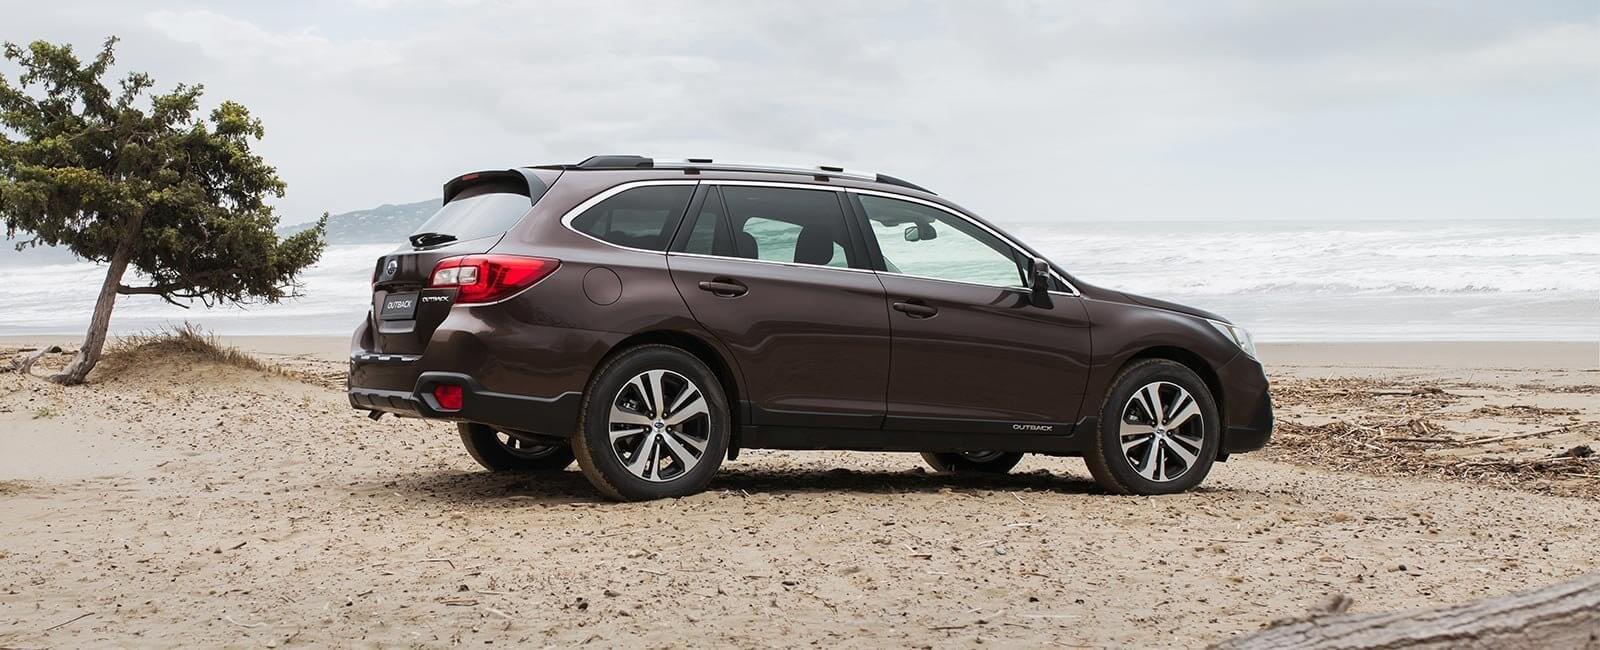 Subaru Outback på stranda